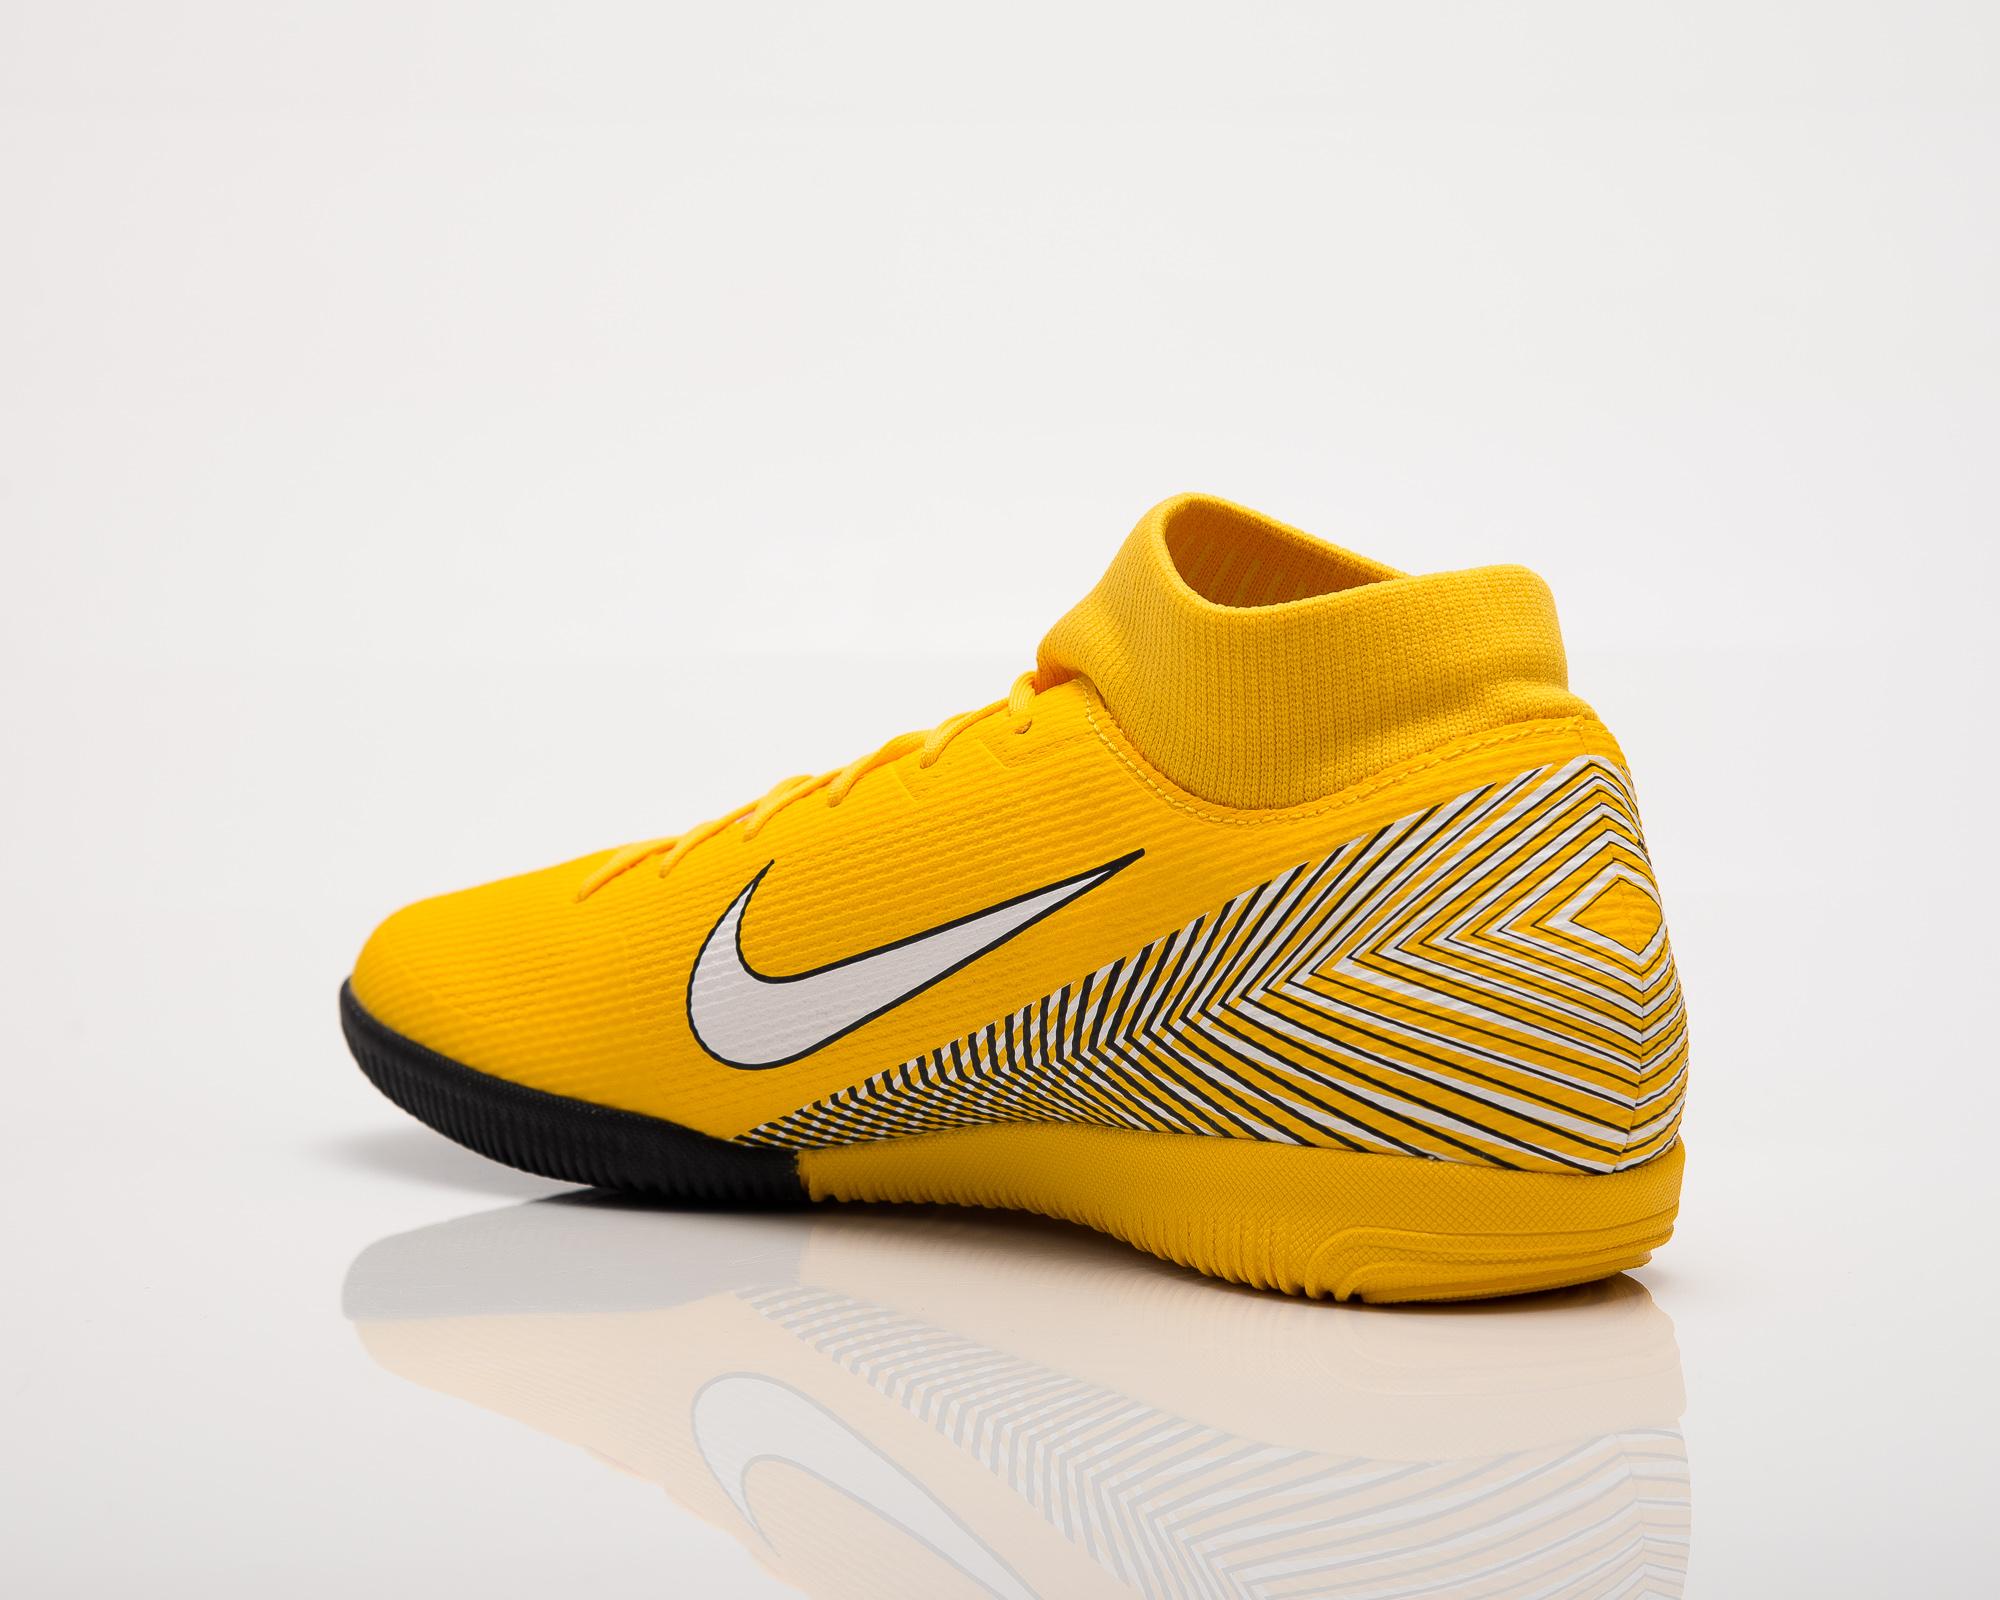 uk availability 0f4fa 7353d Nike Mercurial Superfly VI Academy Neymar Jr. IC Soccer ...